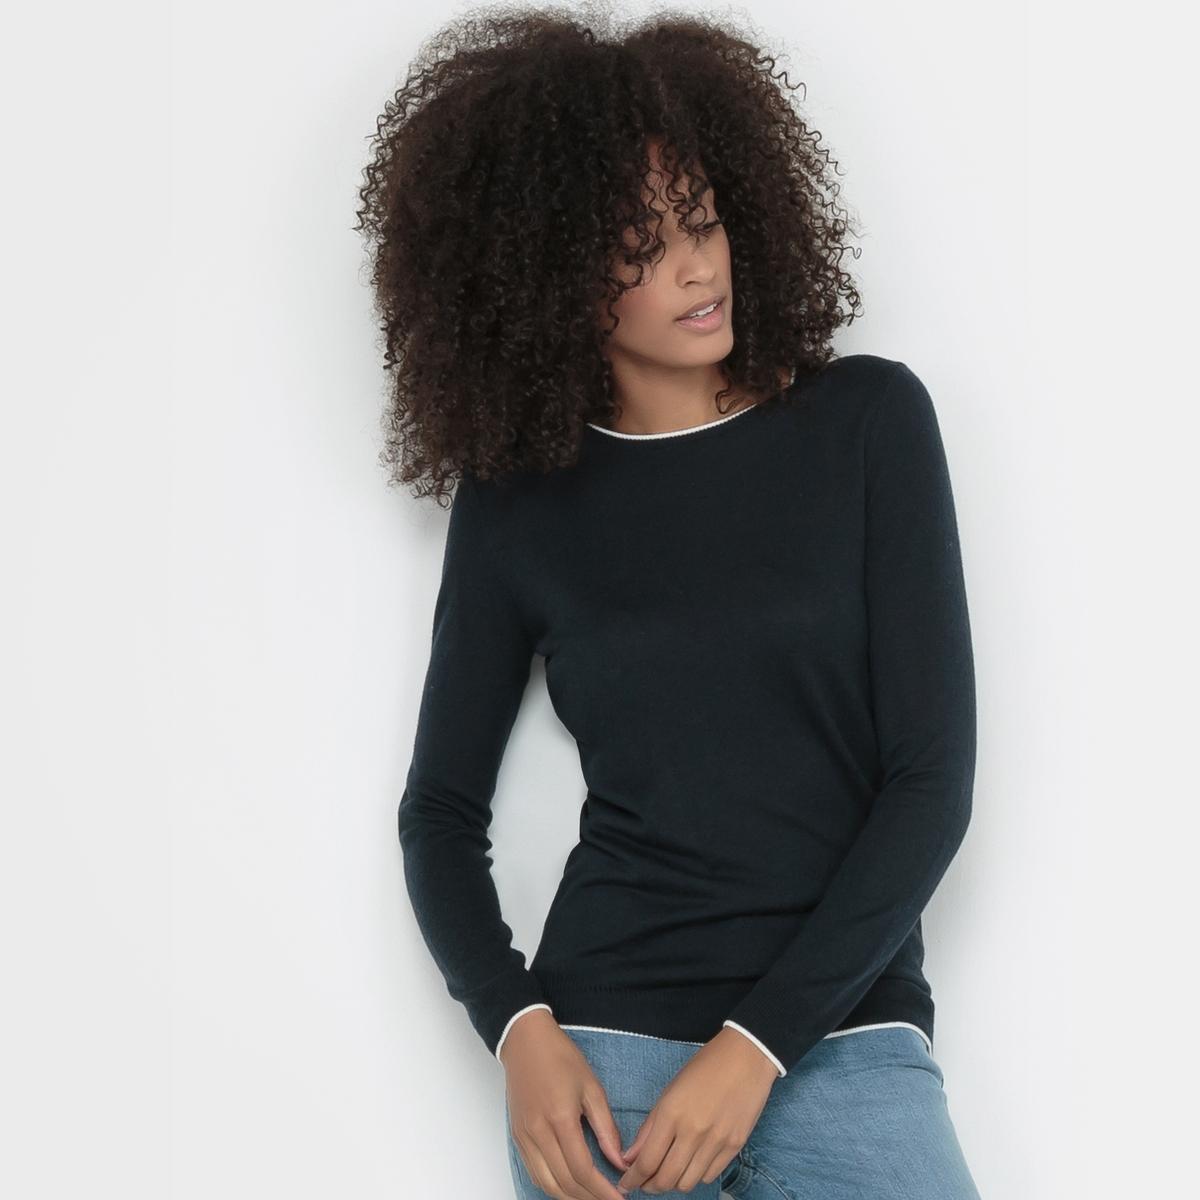 R essentiel Пуловер с круглым вырезом из смешанной ткани с шерстью